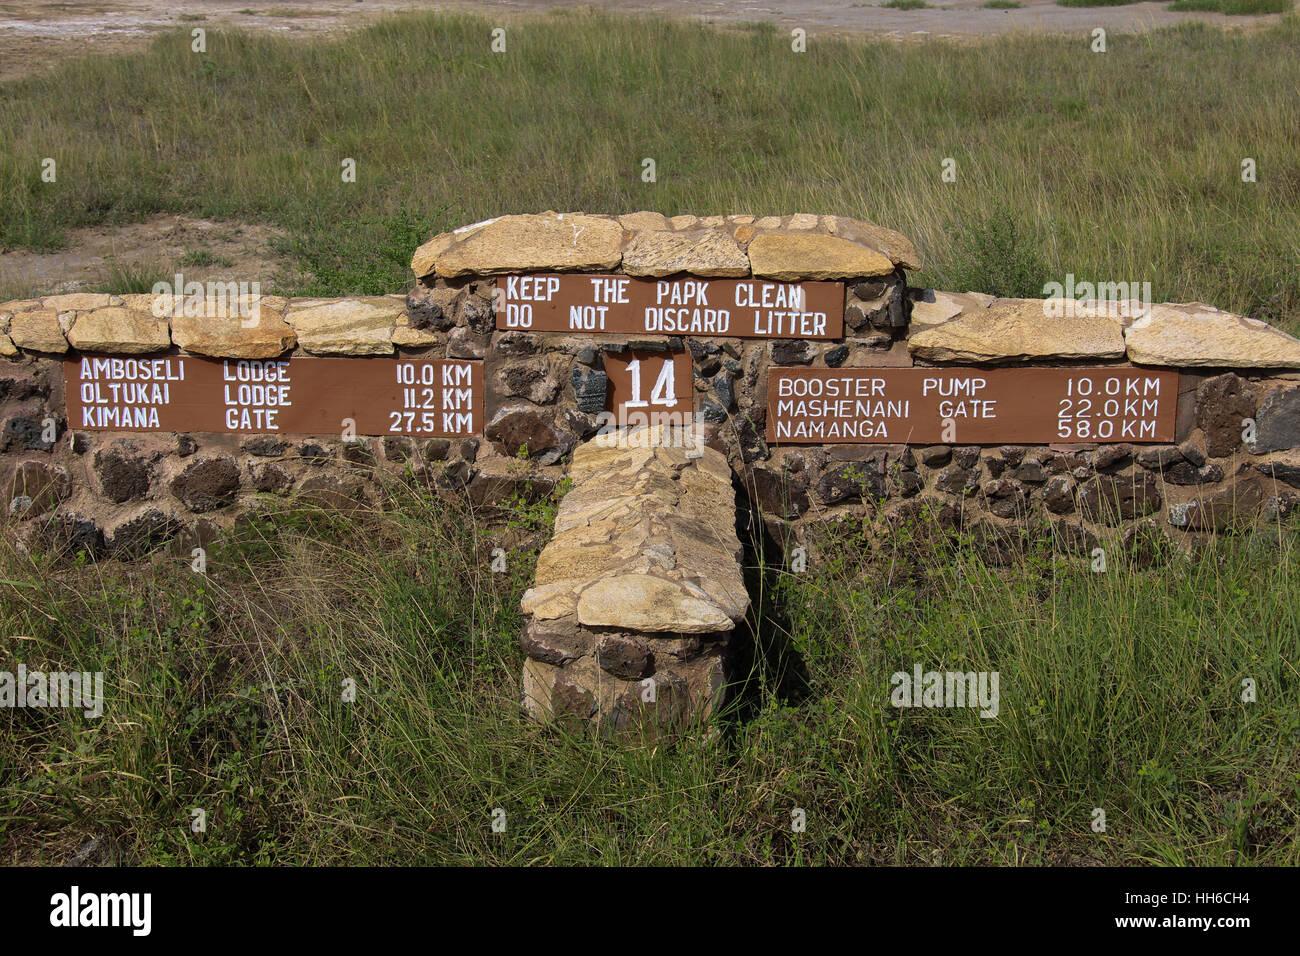 Road sign in Amboseli National Park, Kenya - Stock Image